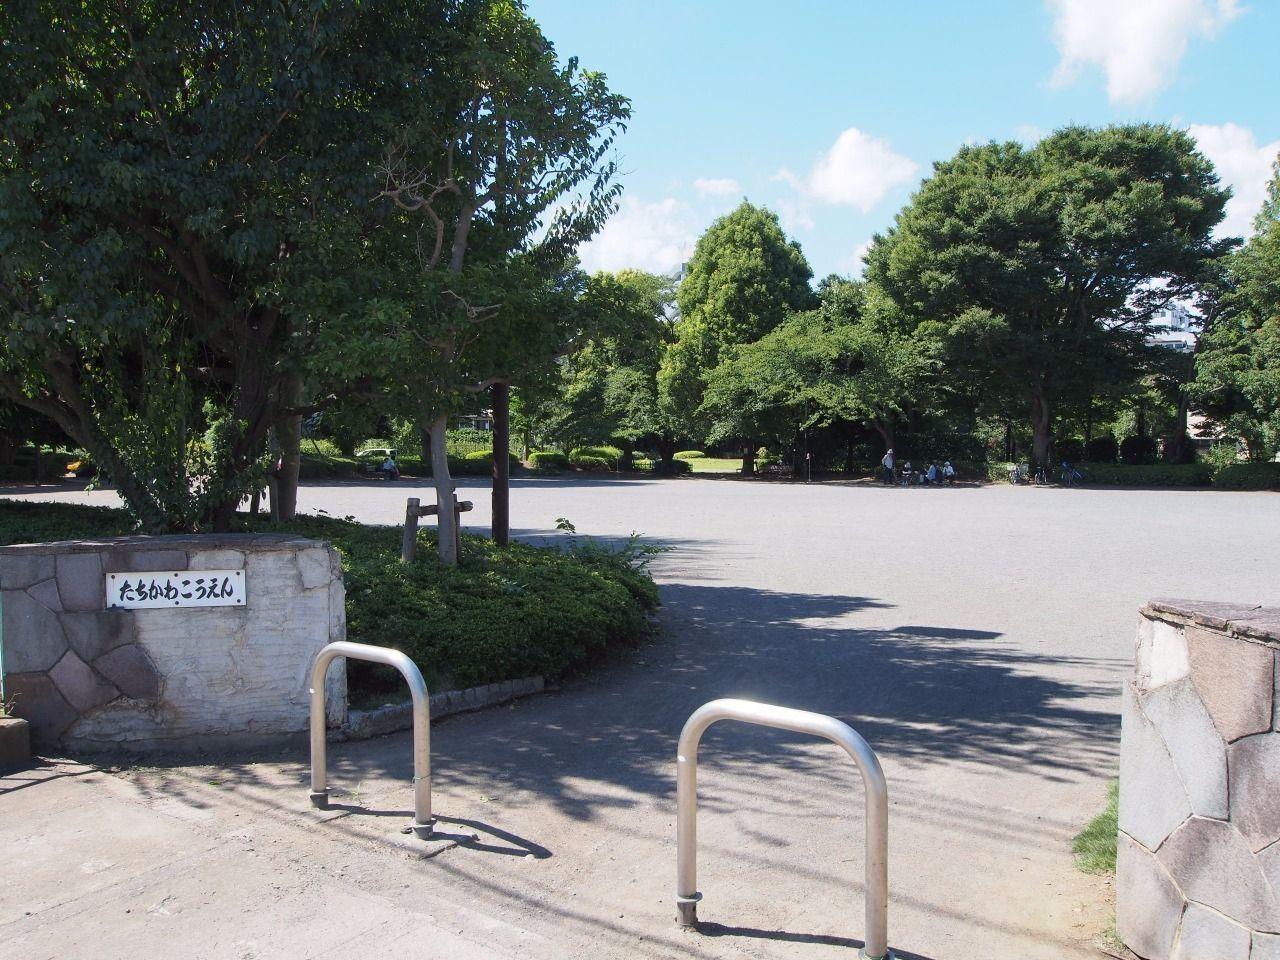 憩いの場になっている公園。柴崎体育館隣。正和荘から「457m」